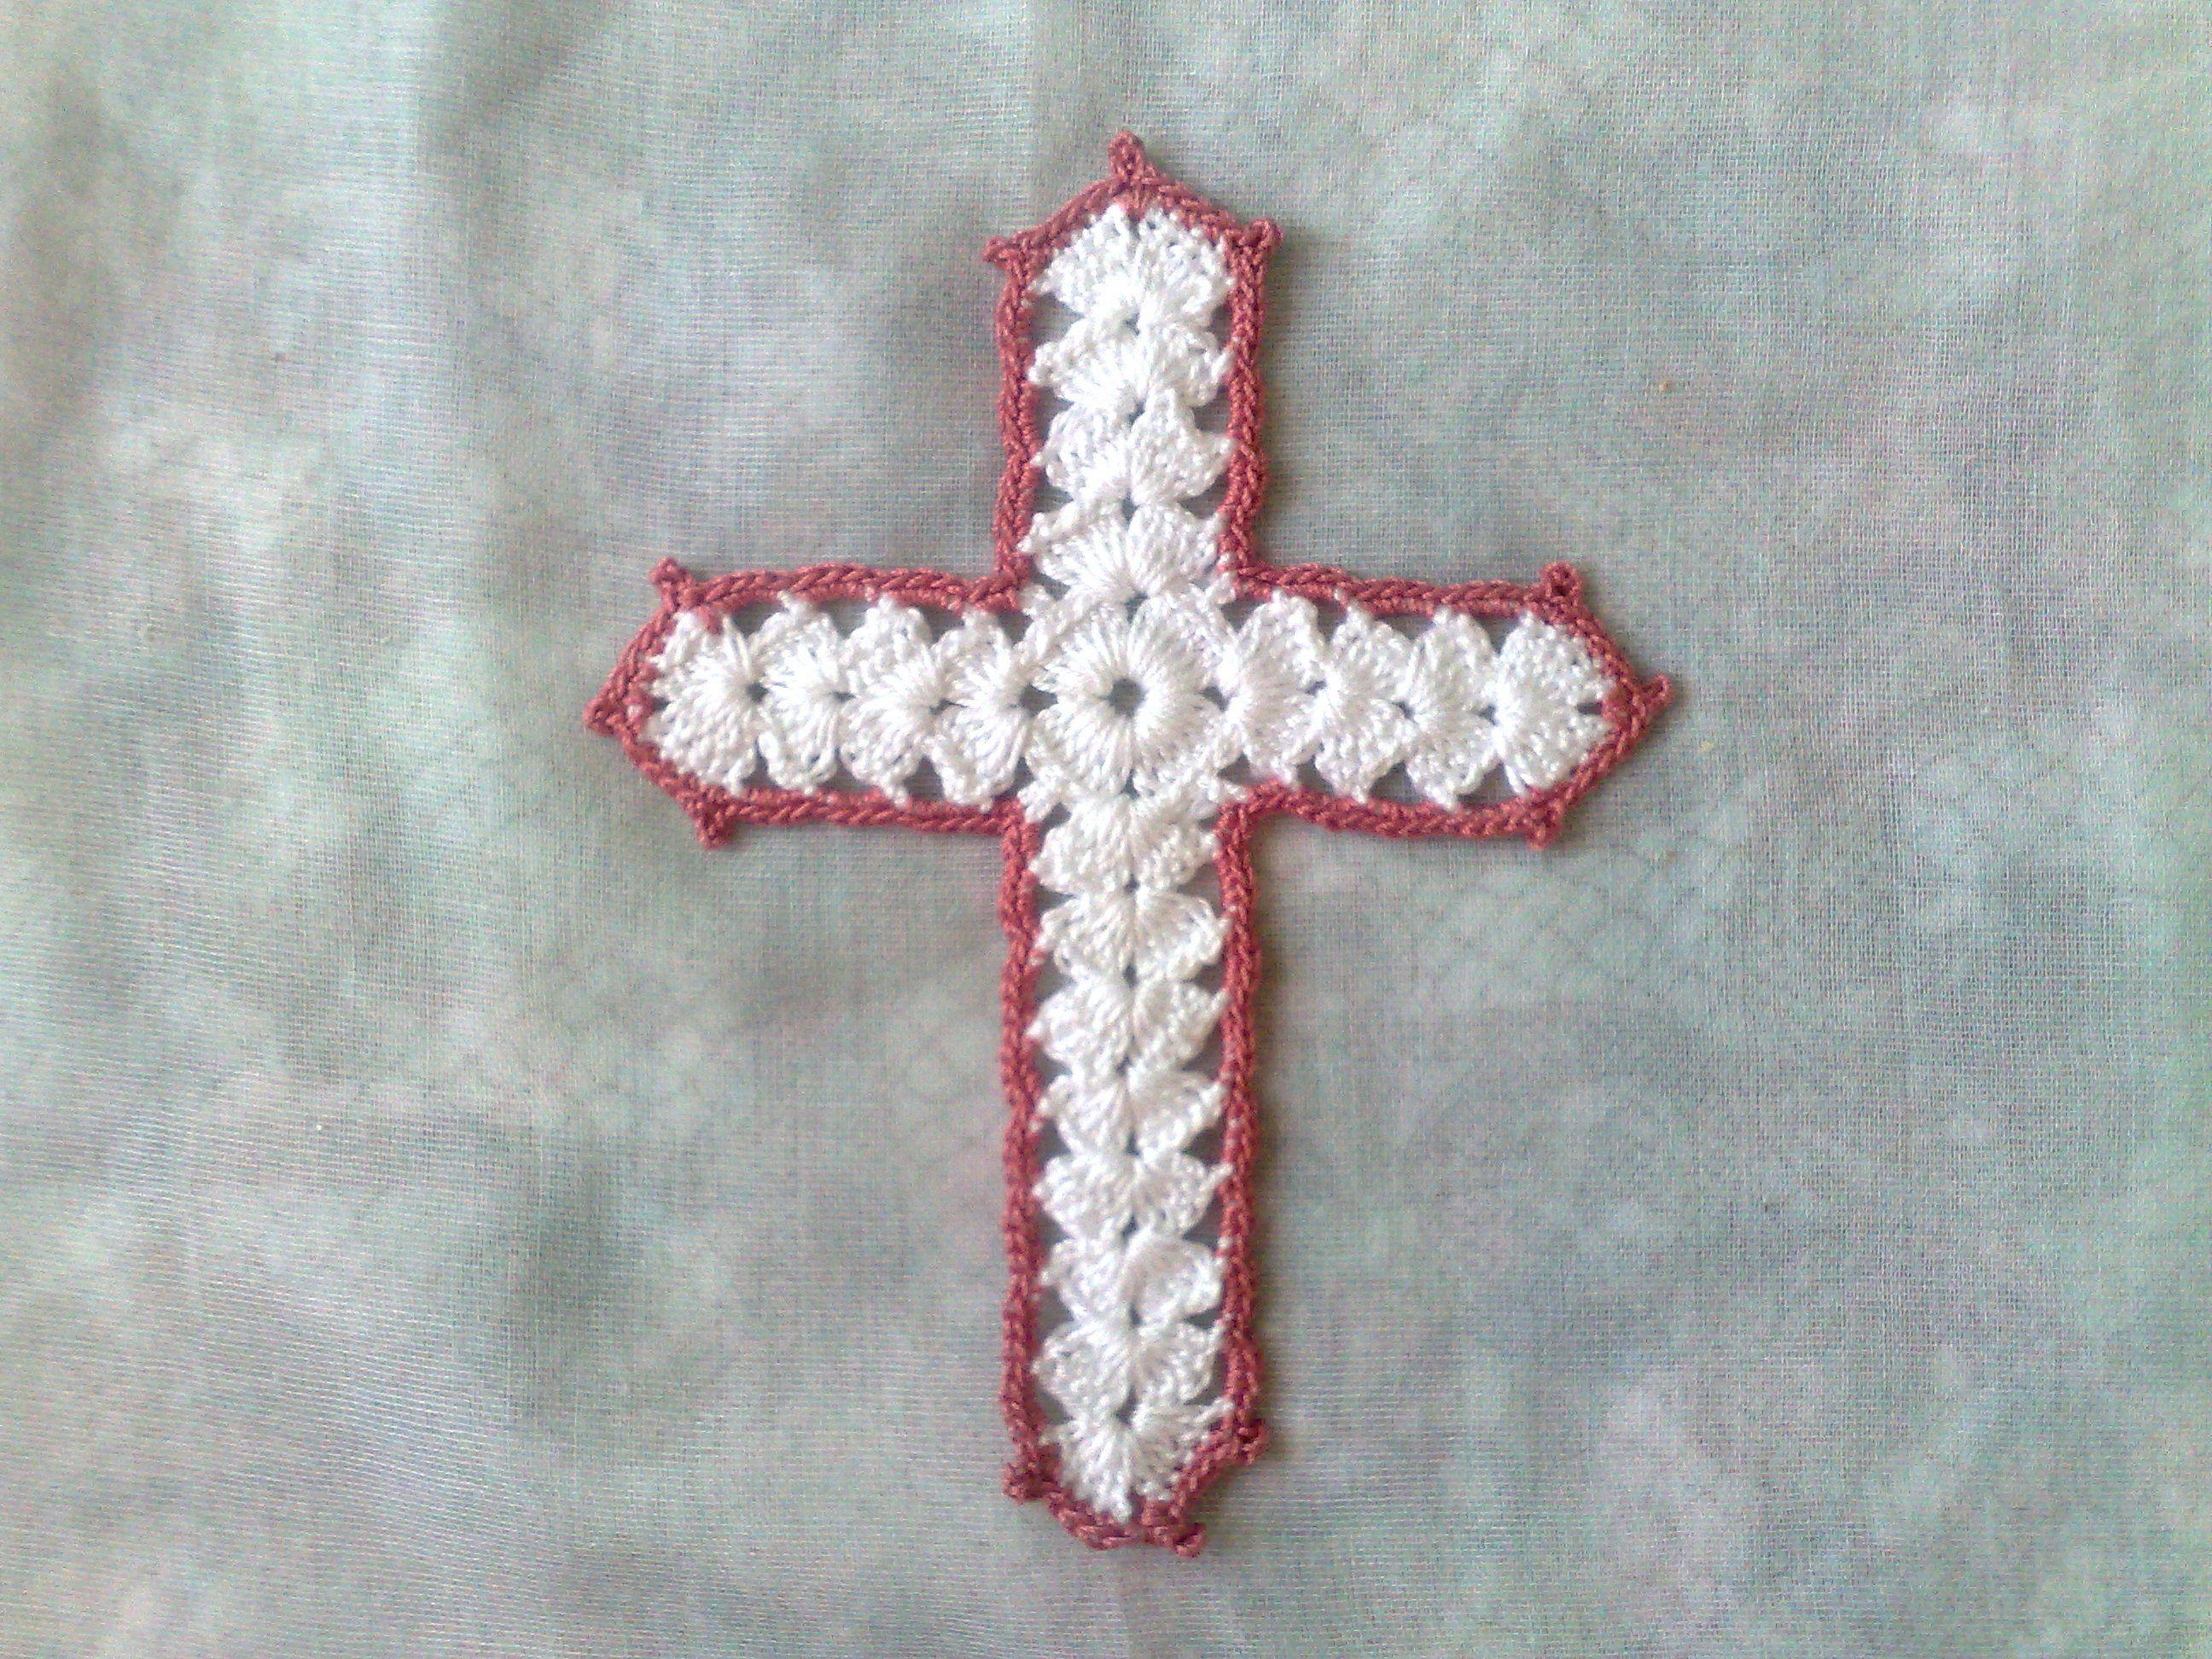 Kreuz Gehäkelt, Gehäkelte Applikation Kreuz, Bibel Lesezeichen, Ostern,  Taufe, Konfirmation,